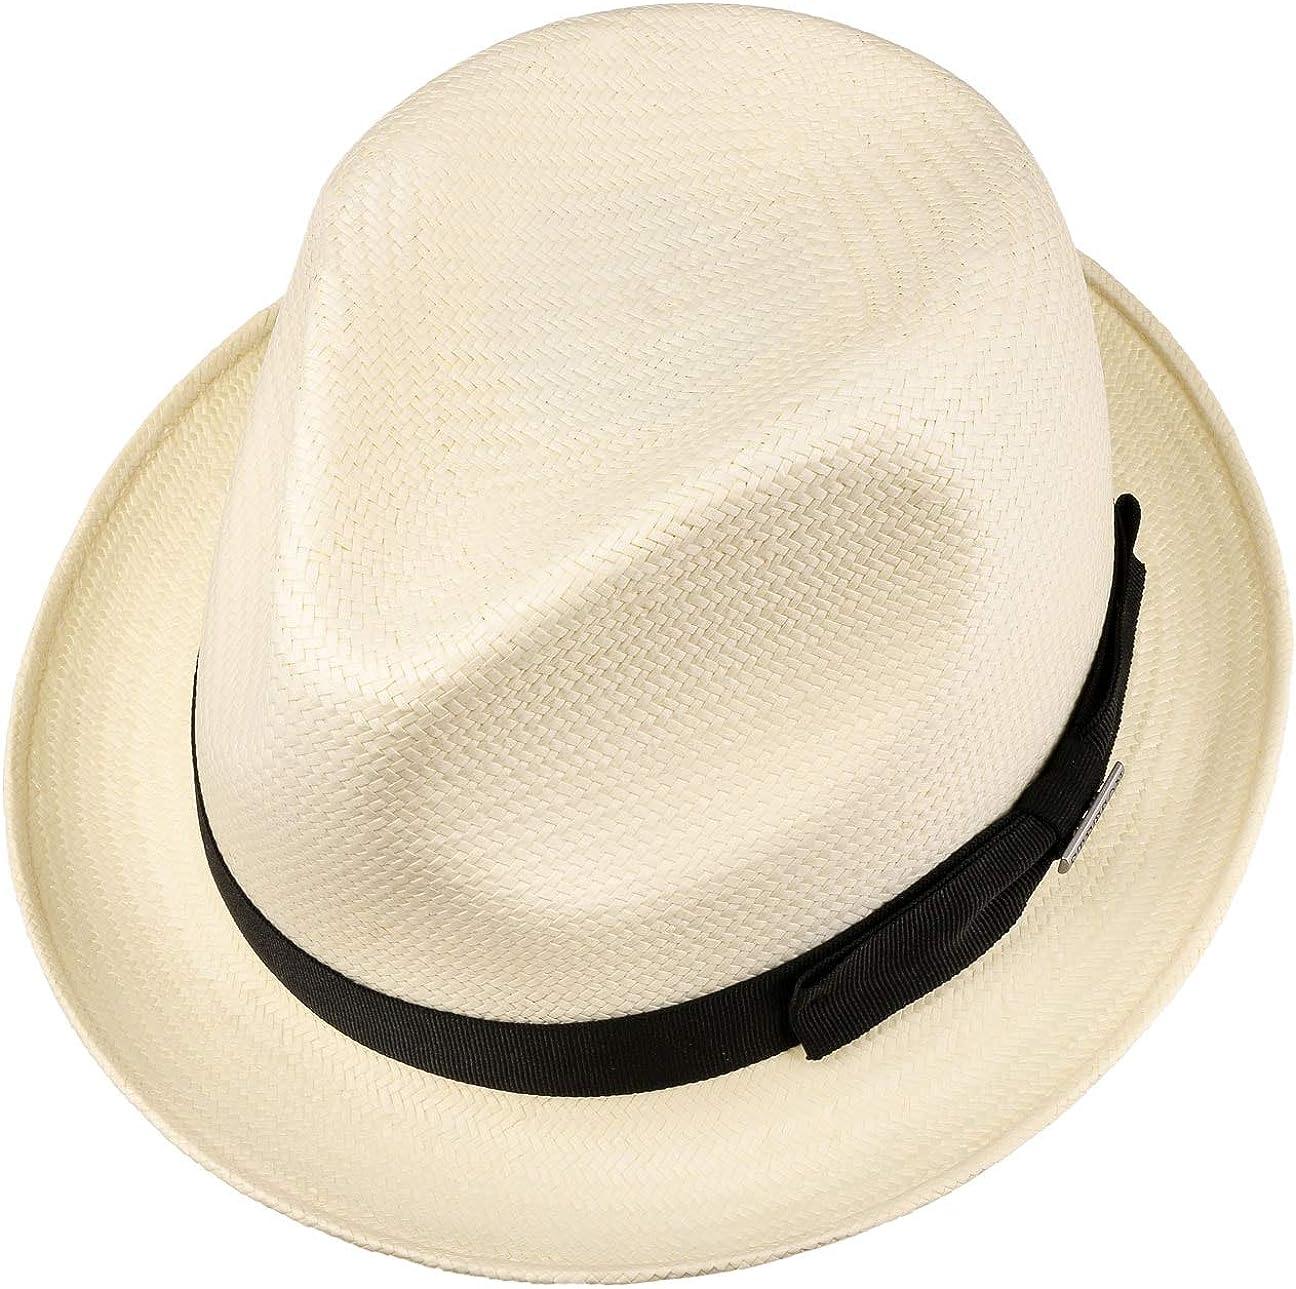 da Sole Estivo Cappelli Spiaggia con Nastro in Grosgrain Primavera//Estate Stetson Cappello di Paglia Martinez Player Uomo